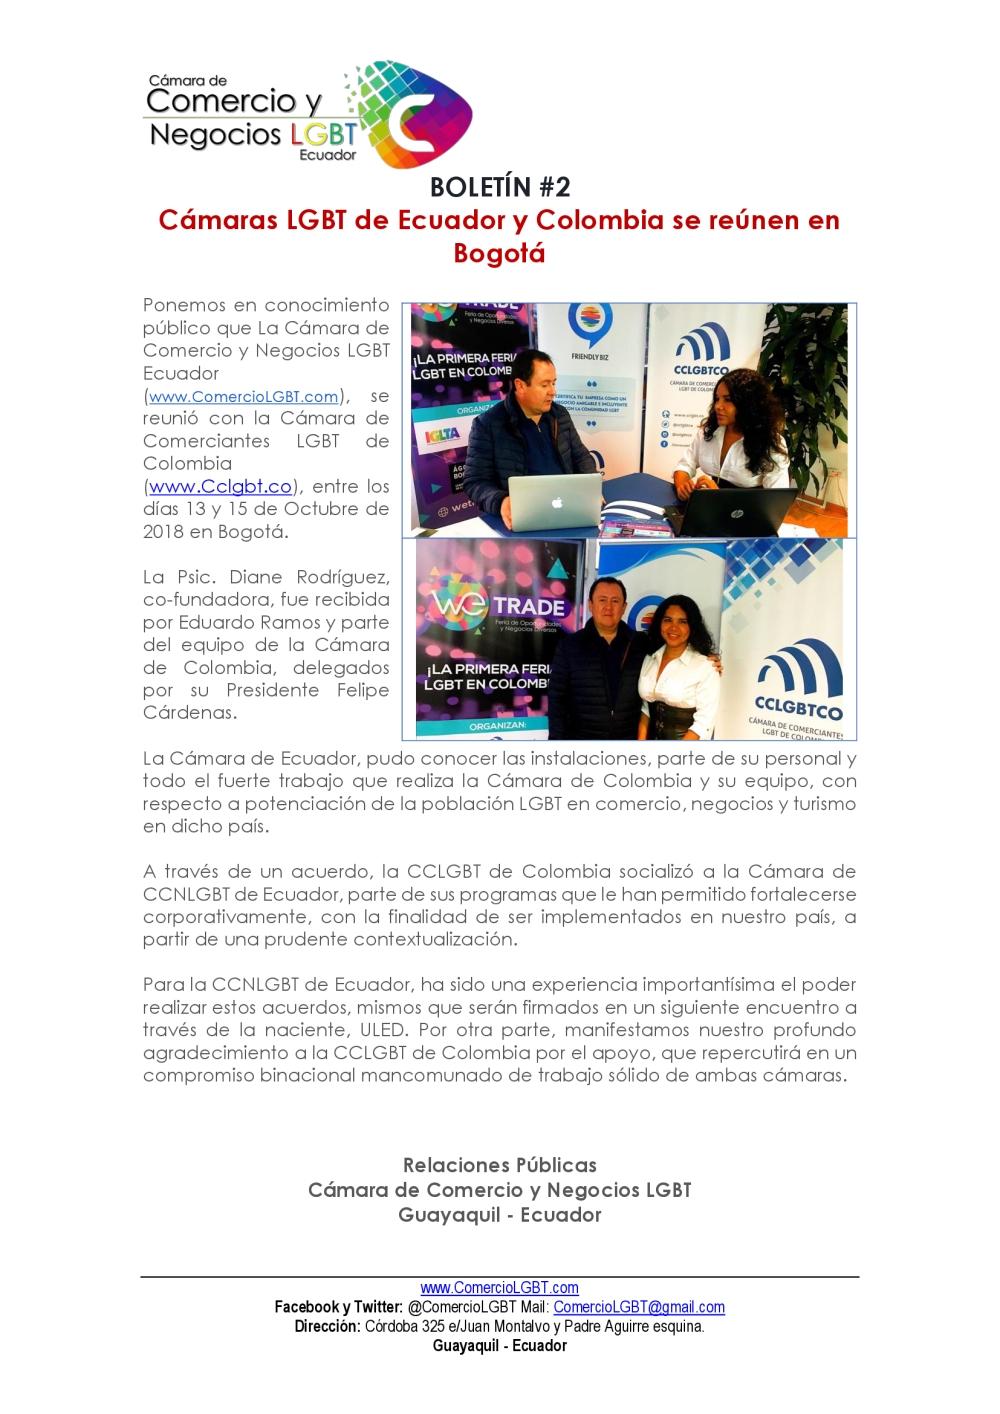 Cámaras-LGBT-de-Ecuador-y-Colombia-se-reúnen-en-Bogotá-Cámara-de-Comercio-y-Negocios-LGBT-de-Ecuador